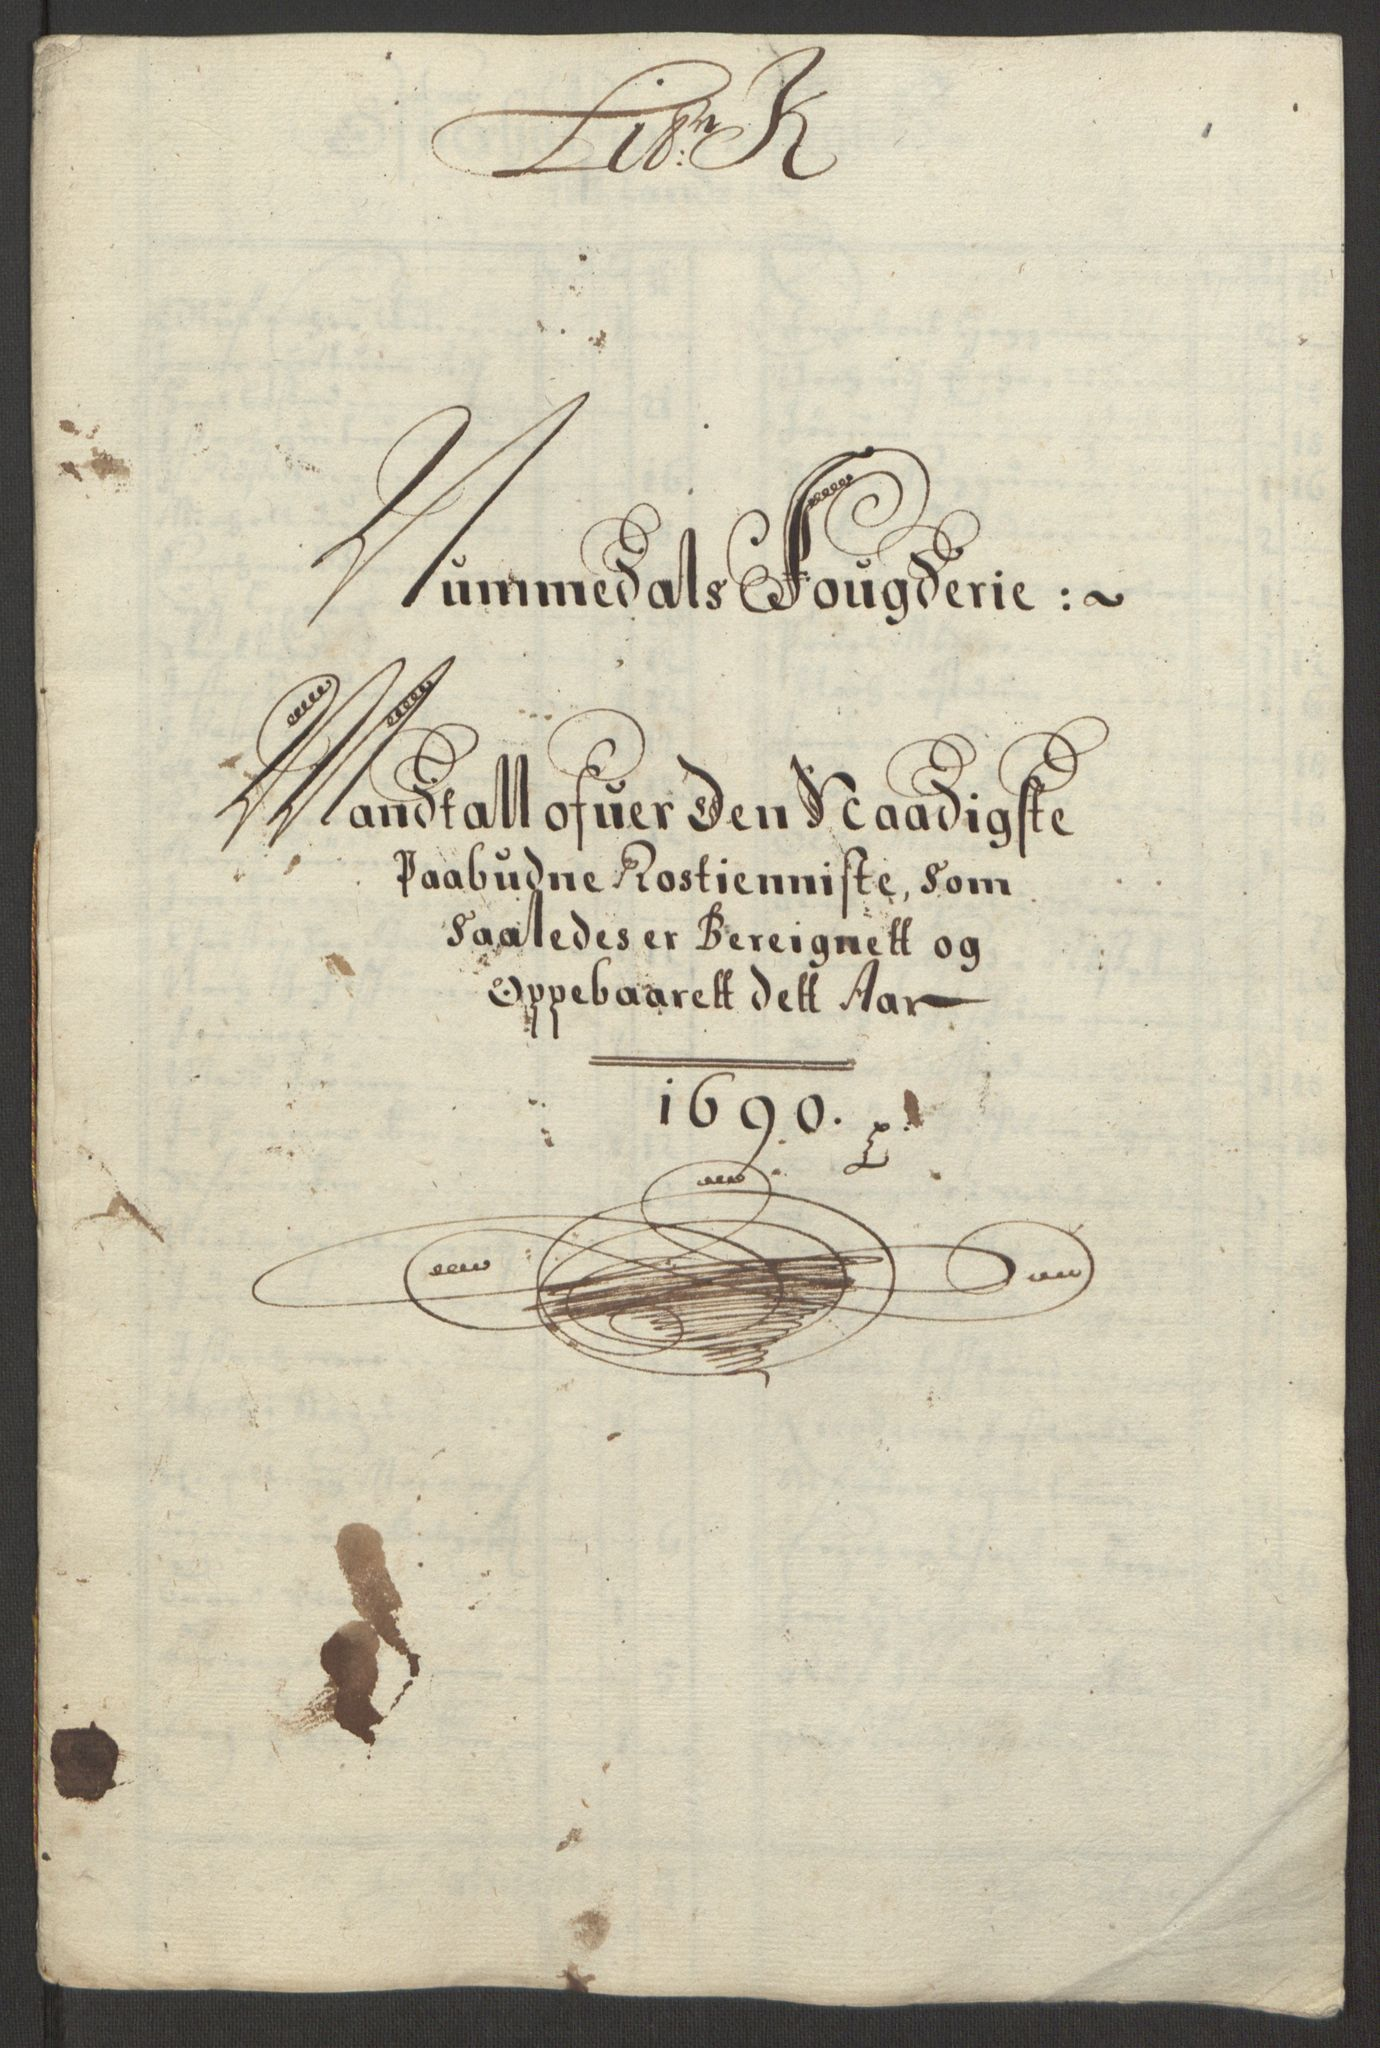 RA, Rentekammeret inntil 1814, Reviderte regnskaper, Fogderegnskap, R64/L4423: Fogderegnskap Namdal, 1690-1691, s. 64